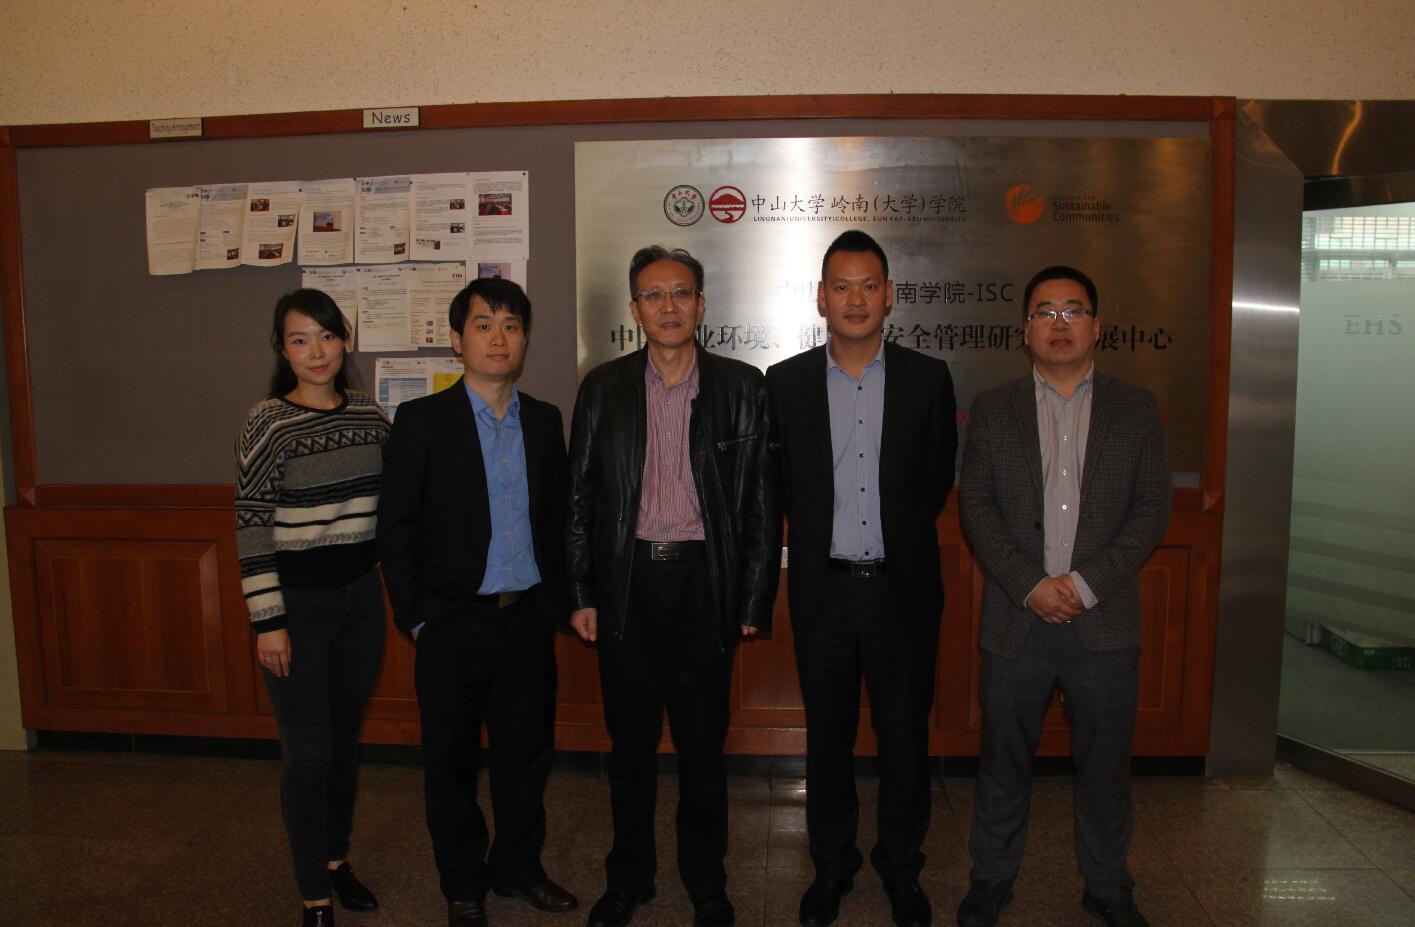 博川环境修复(北京)股份有限公司高管到访EHS中心